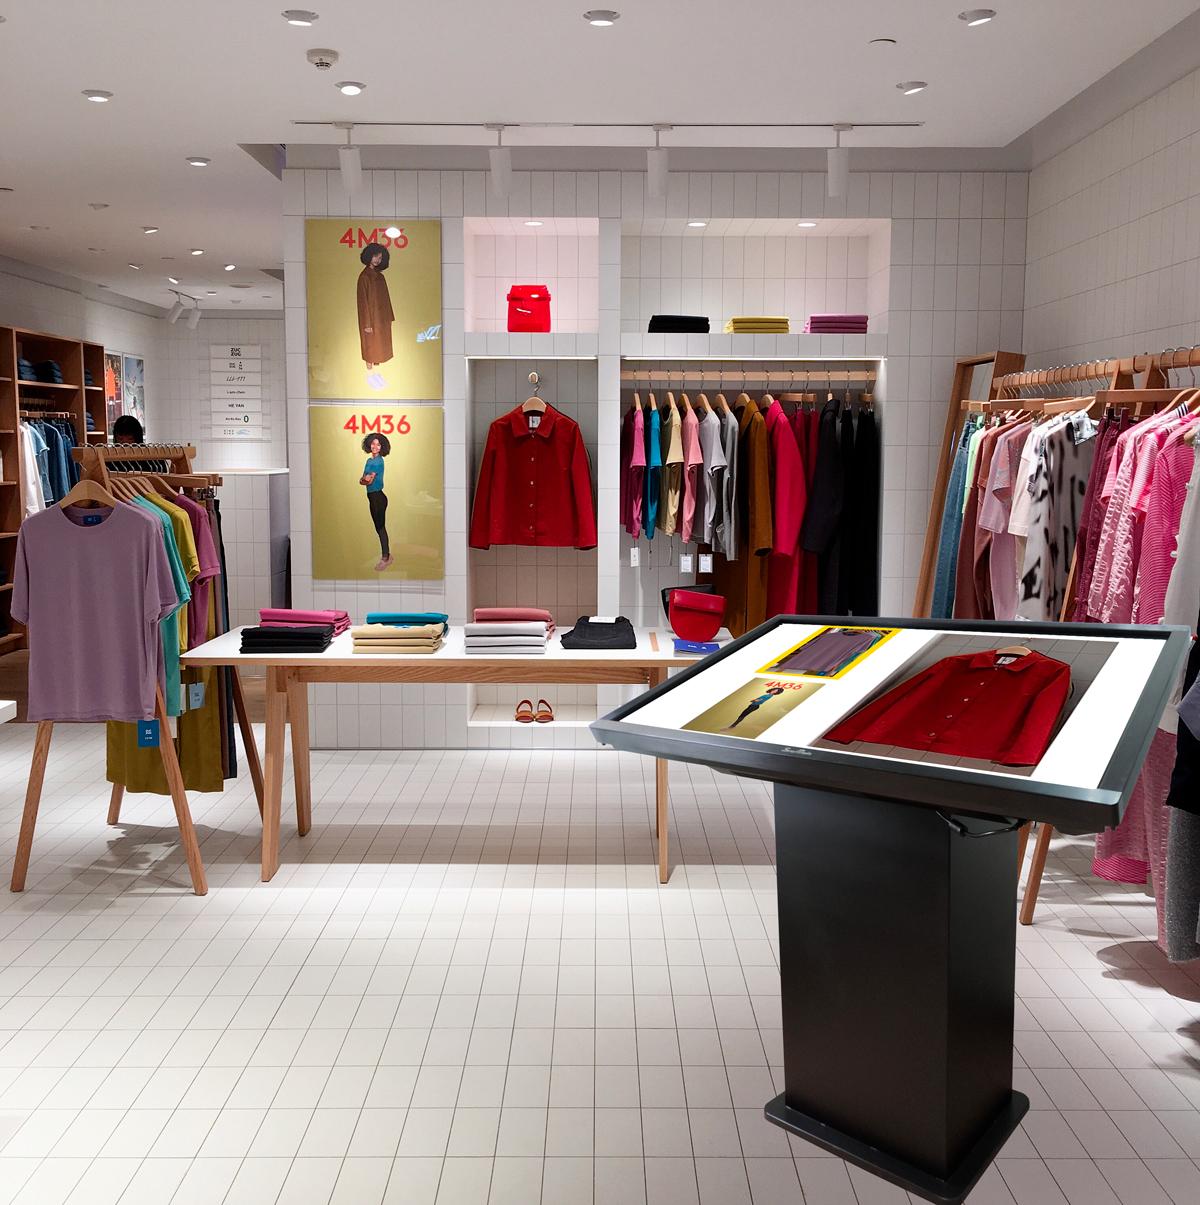 Leggi tutto l'articolo - Lascia interagire i clientii con i prodotti del tuo magazzino.